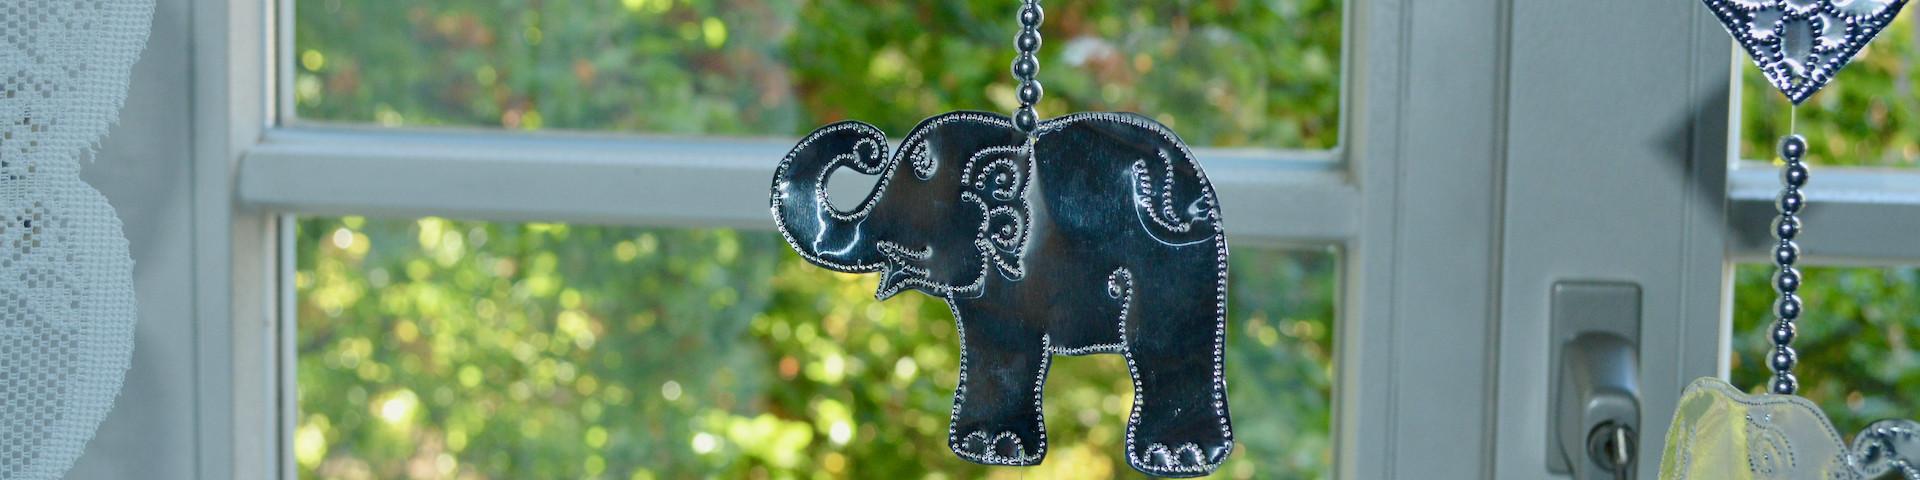 dekorative Elefanten Wohnaccessoires kaufen